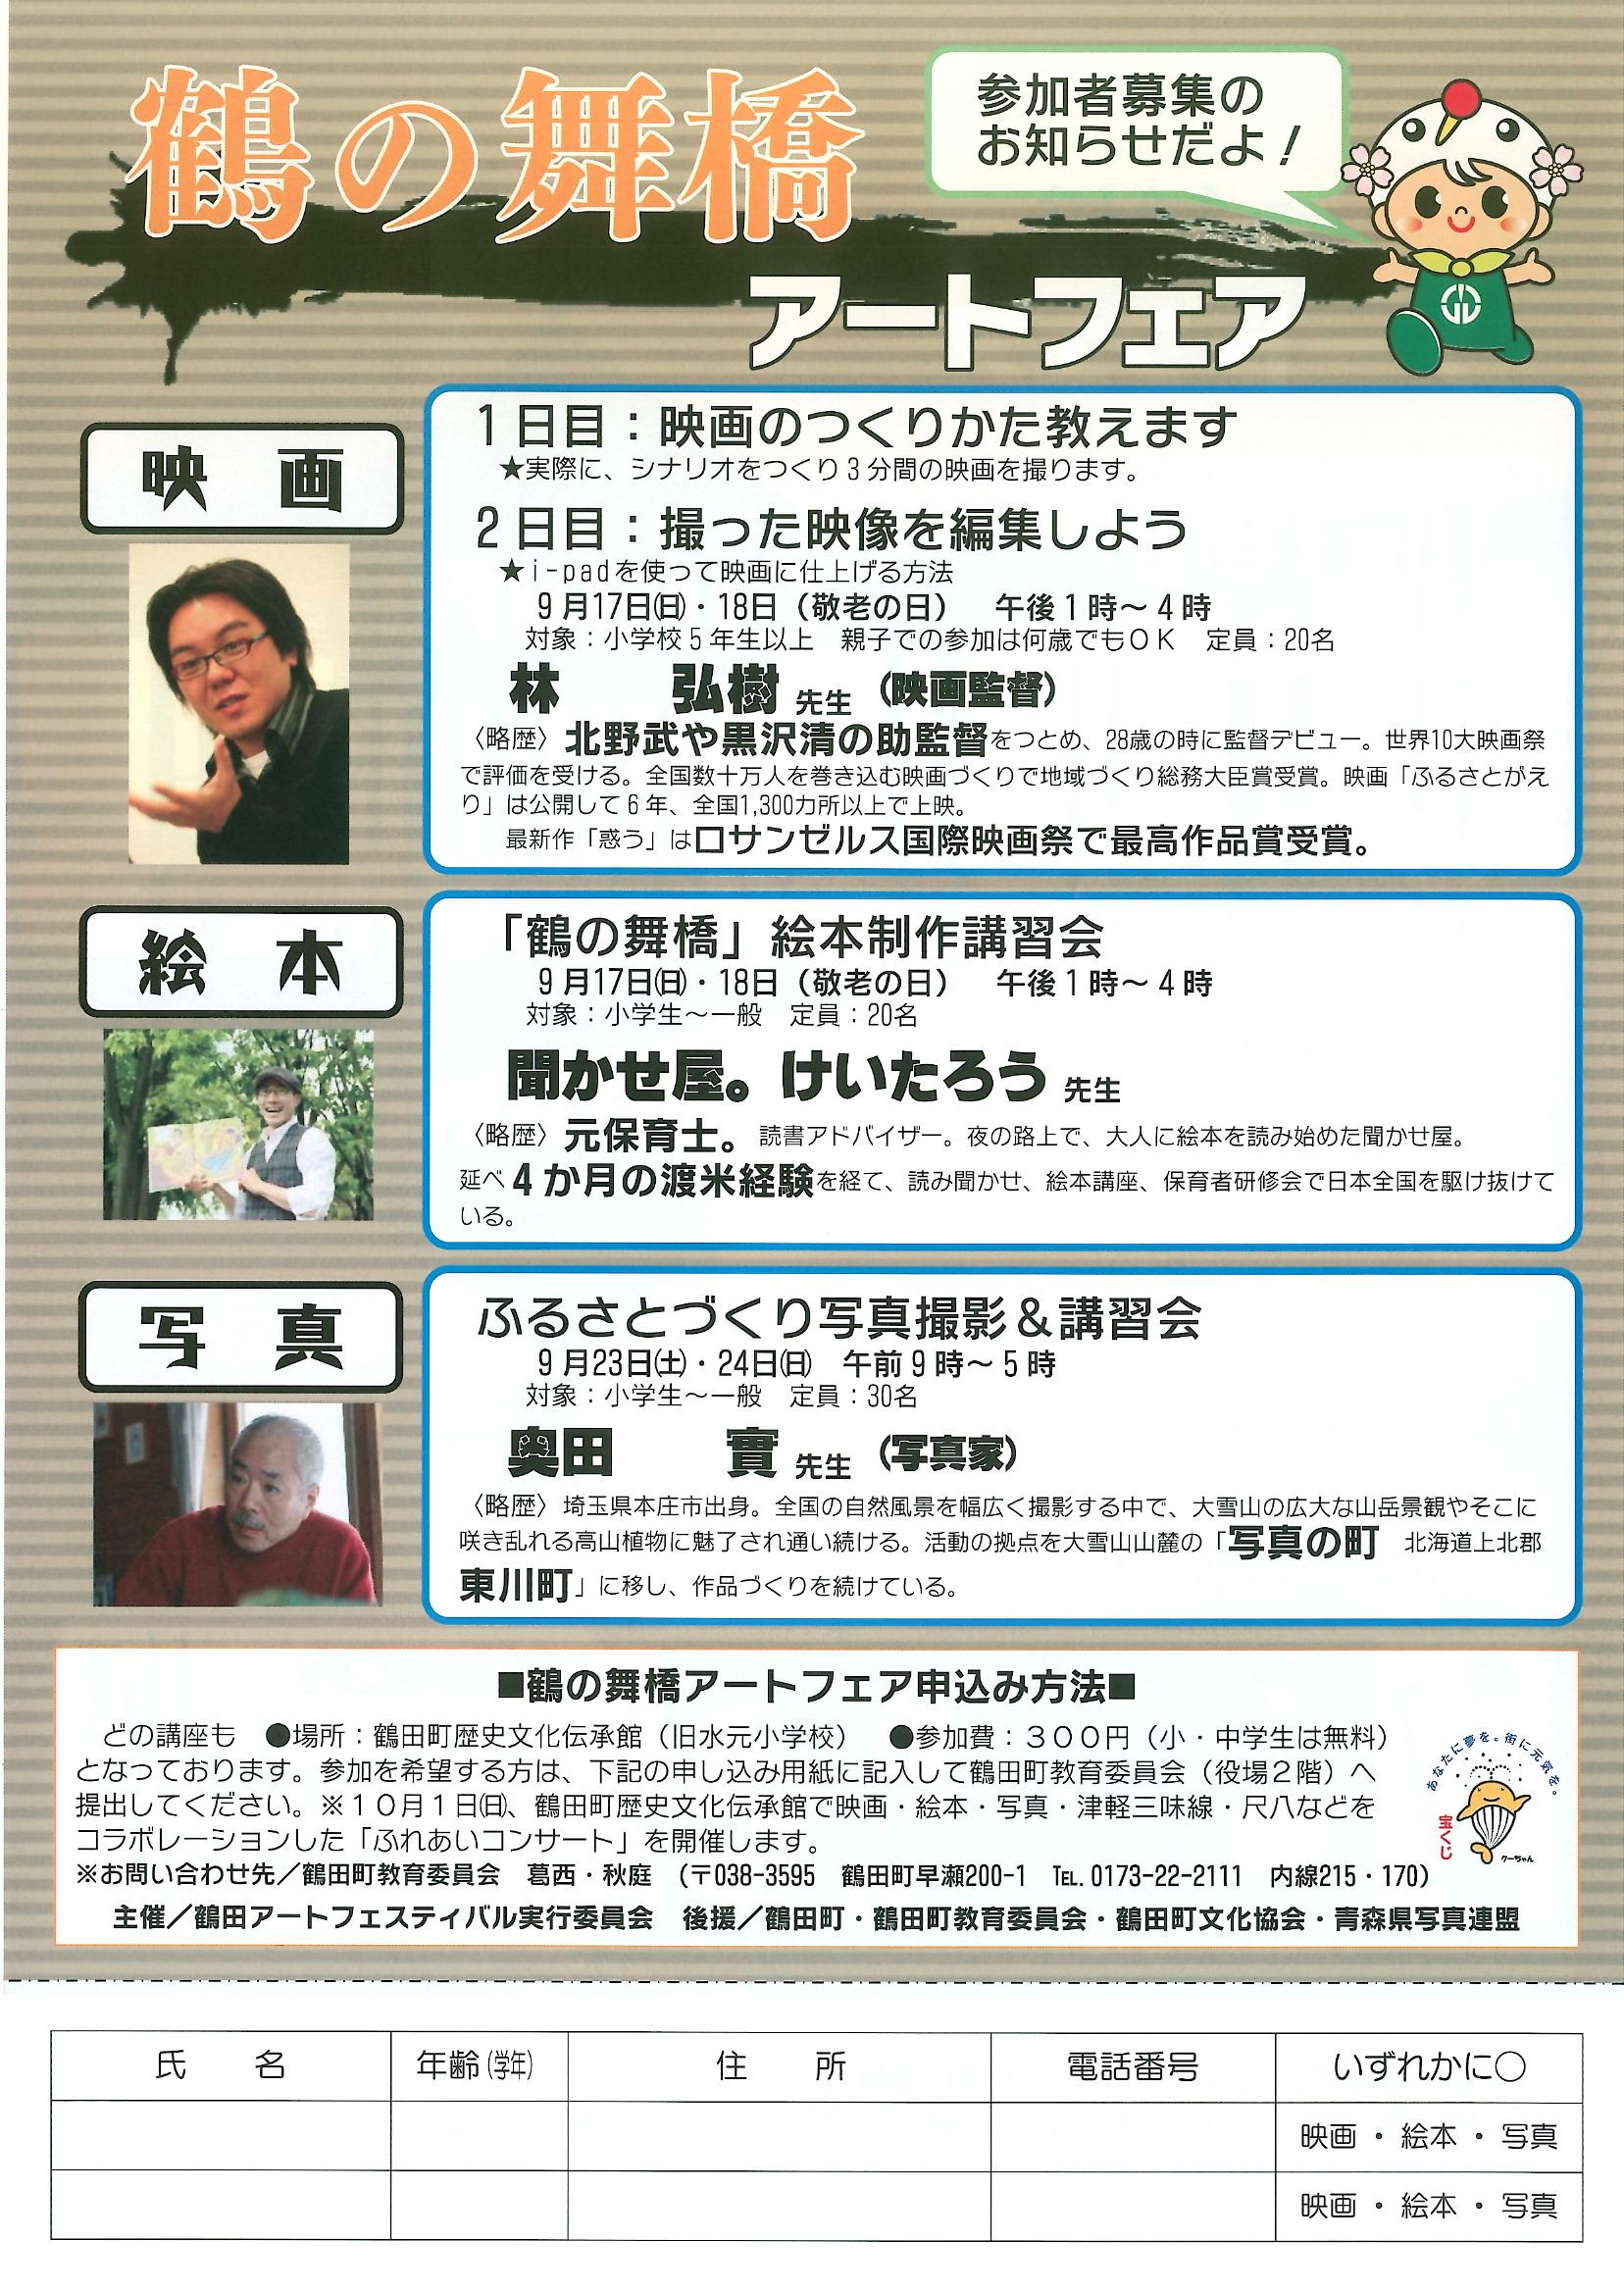 『鶴の舞橋アートフェア』